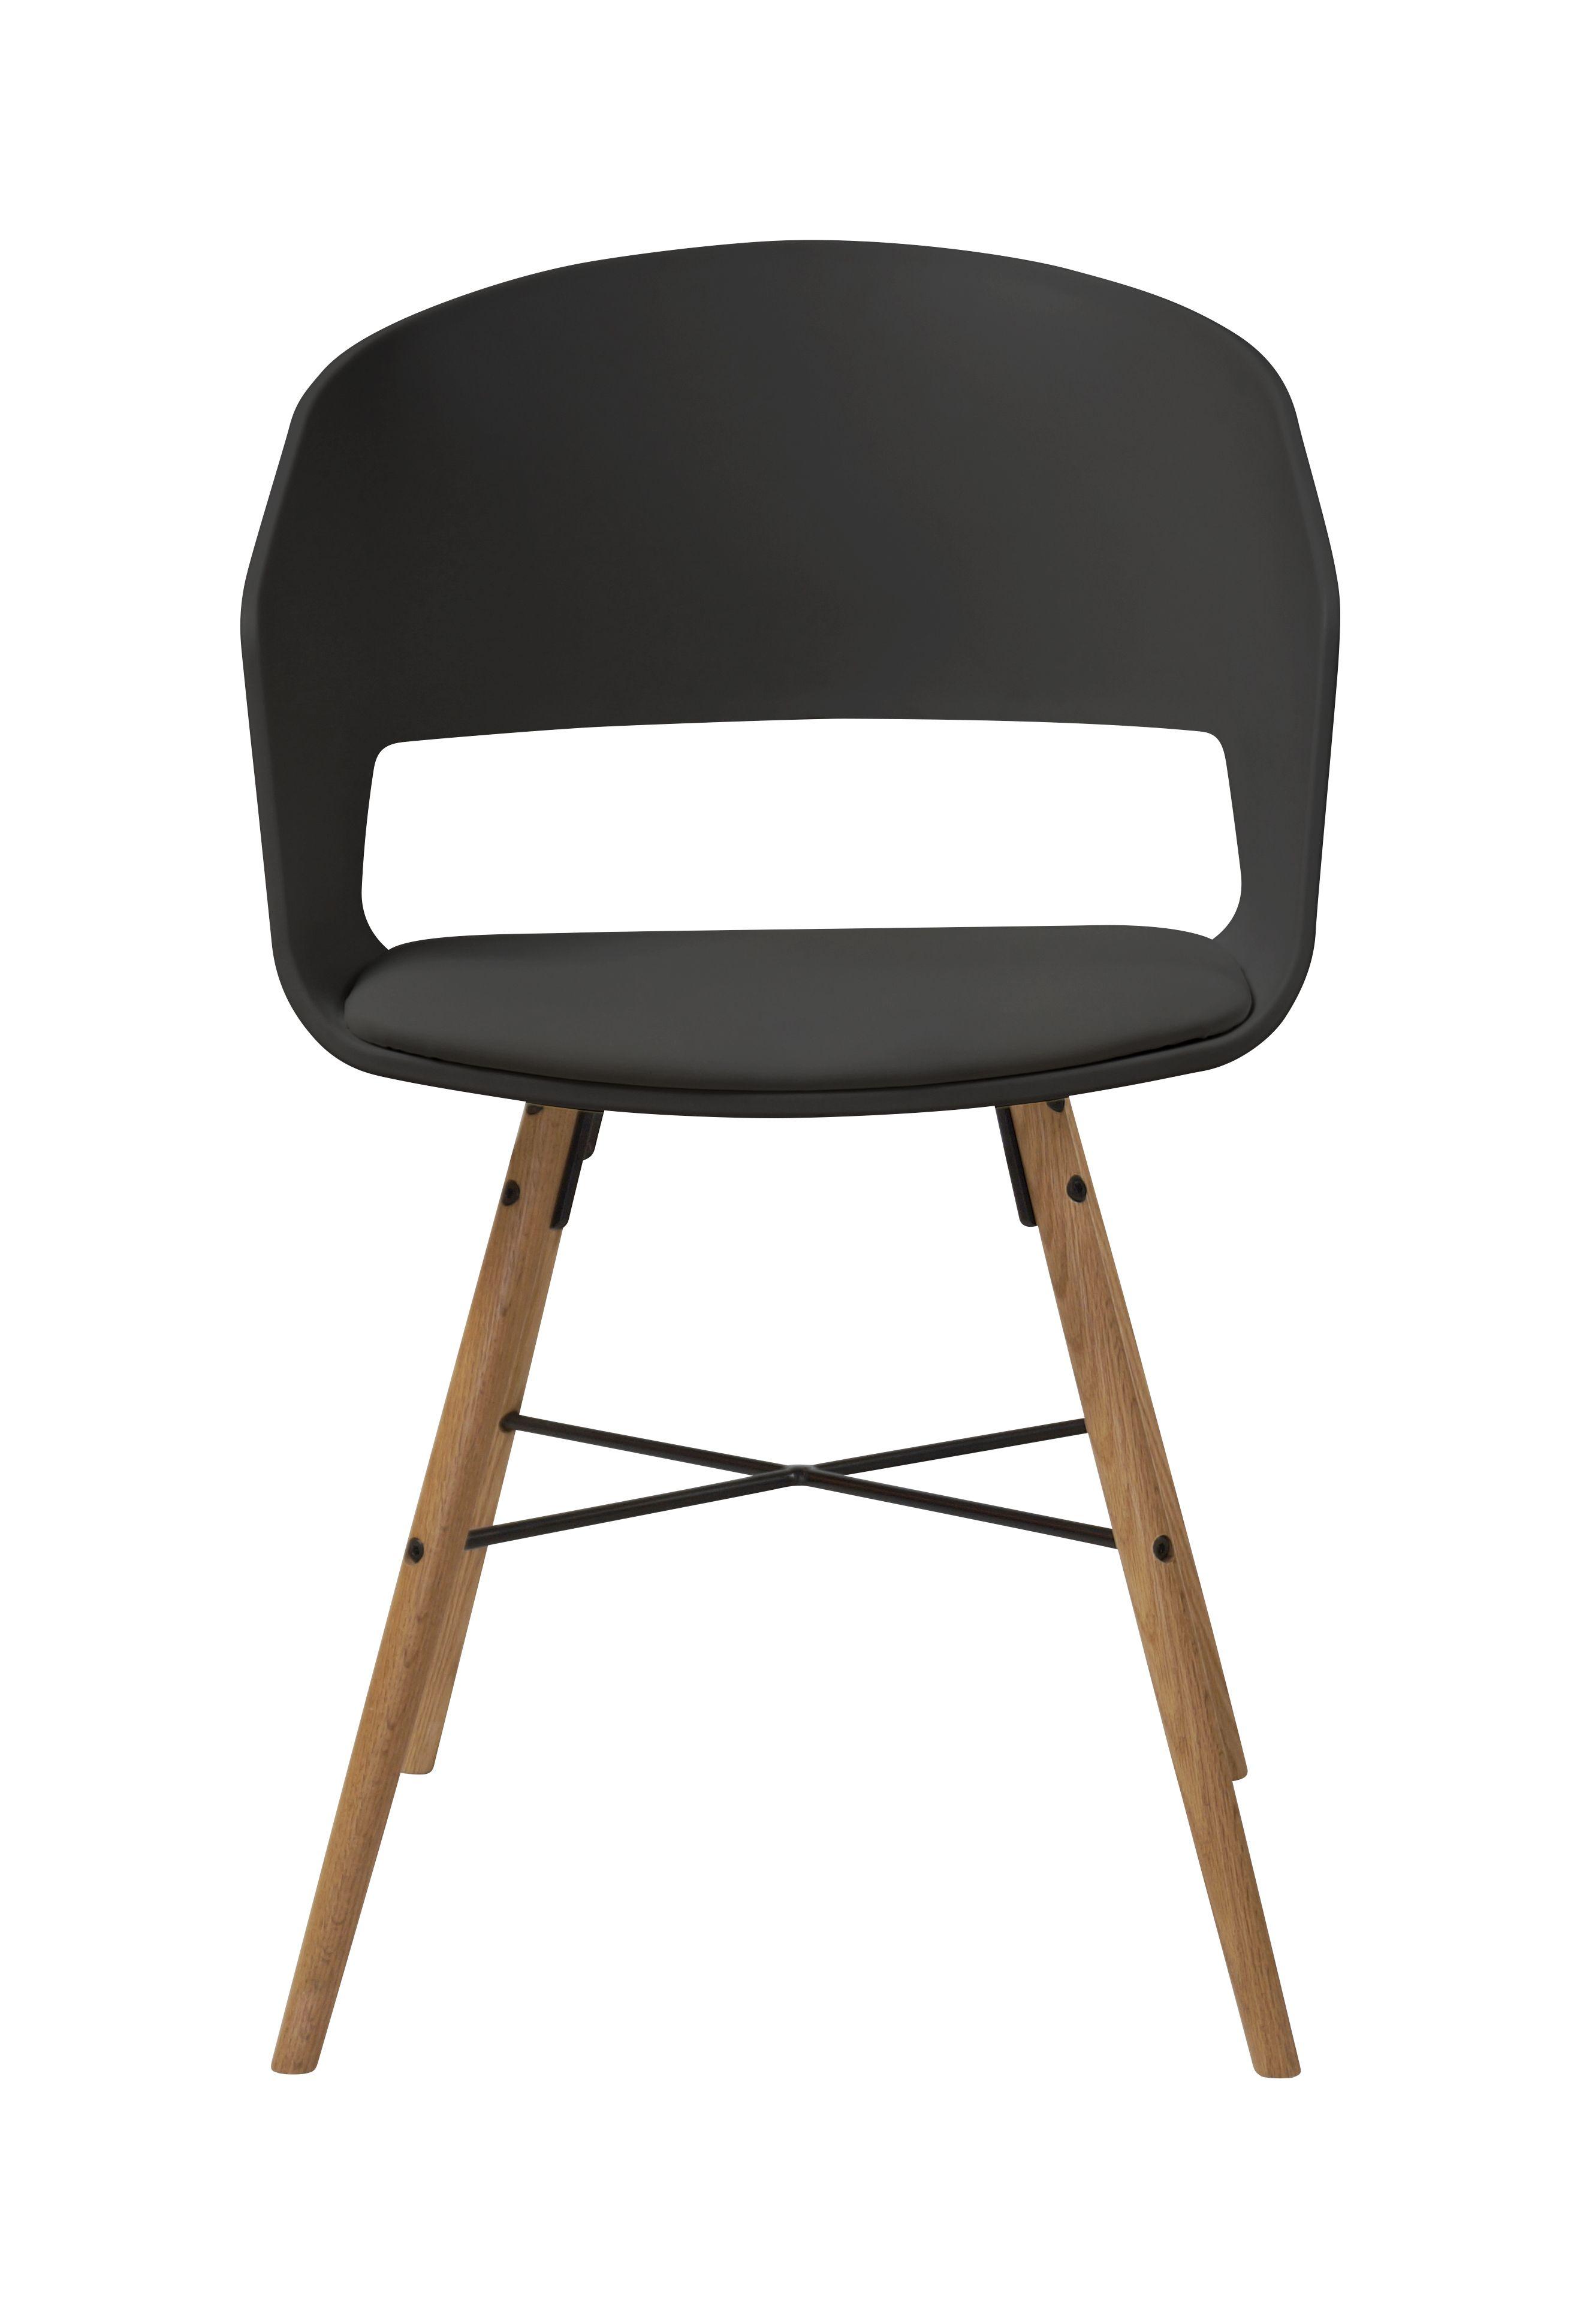 sandinavische_eetkamerstoel_levaleva_witte_eetkamerstoel_houten_poten_strakke_stoel_wit_eettafelstoel_scandinavisch_interieur_interieurinspiratie_.jpg